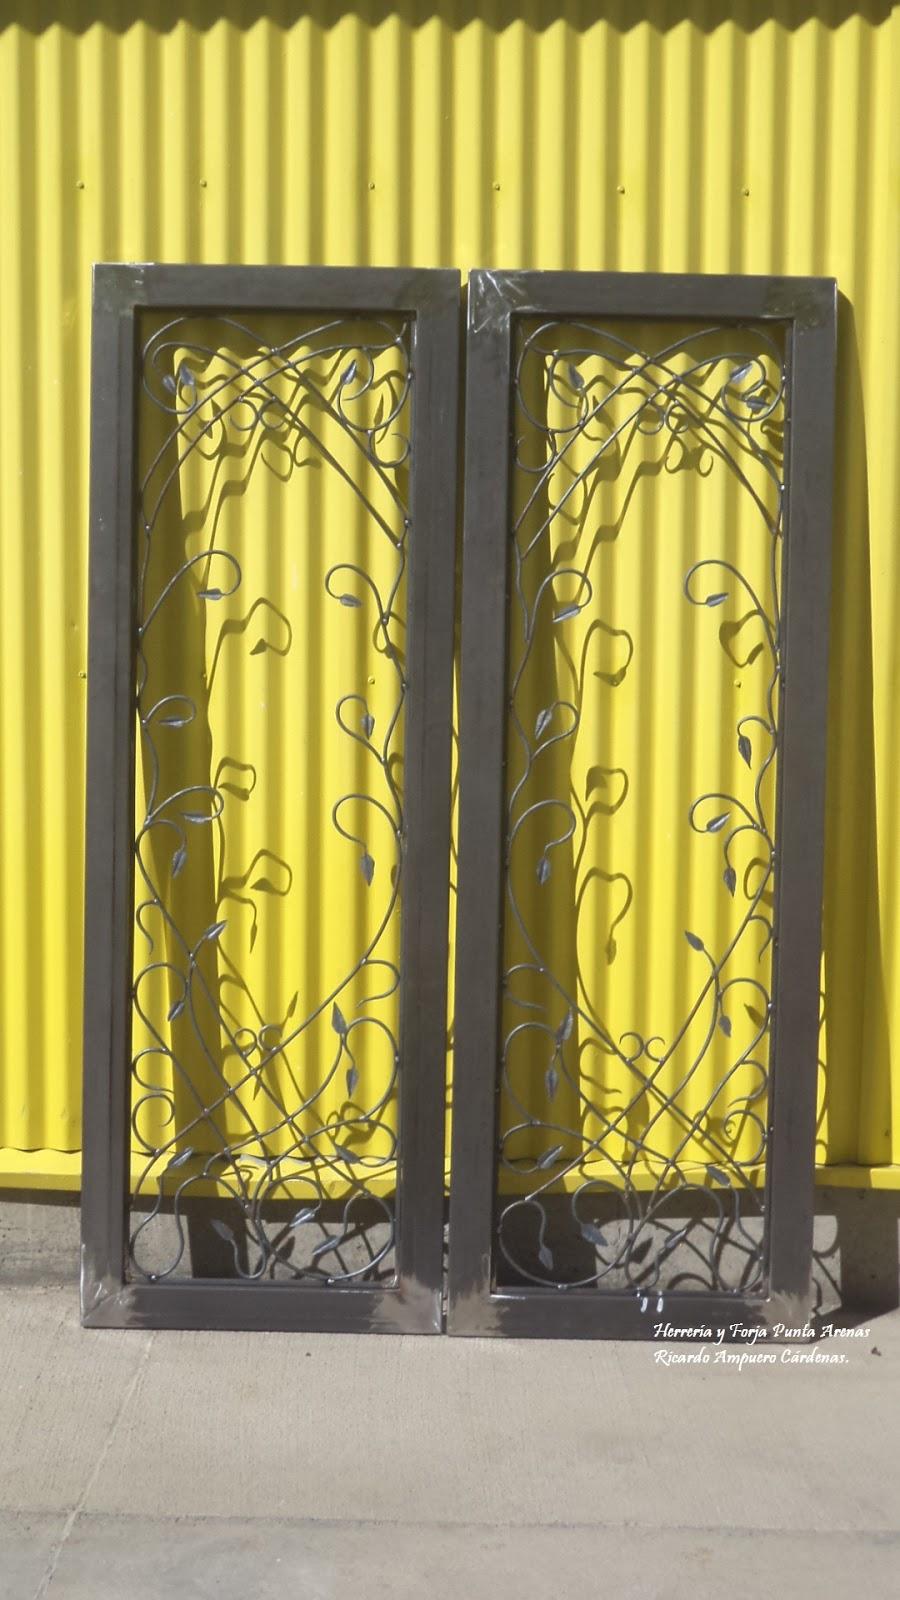 Herreria y forja punta arenas puertas - Puertas de dos hojas ...